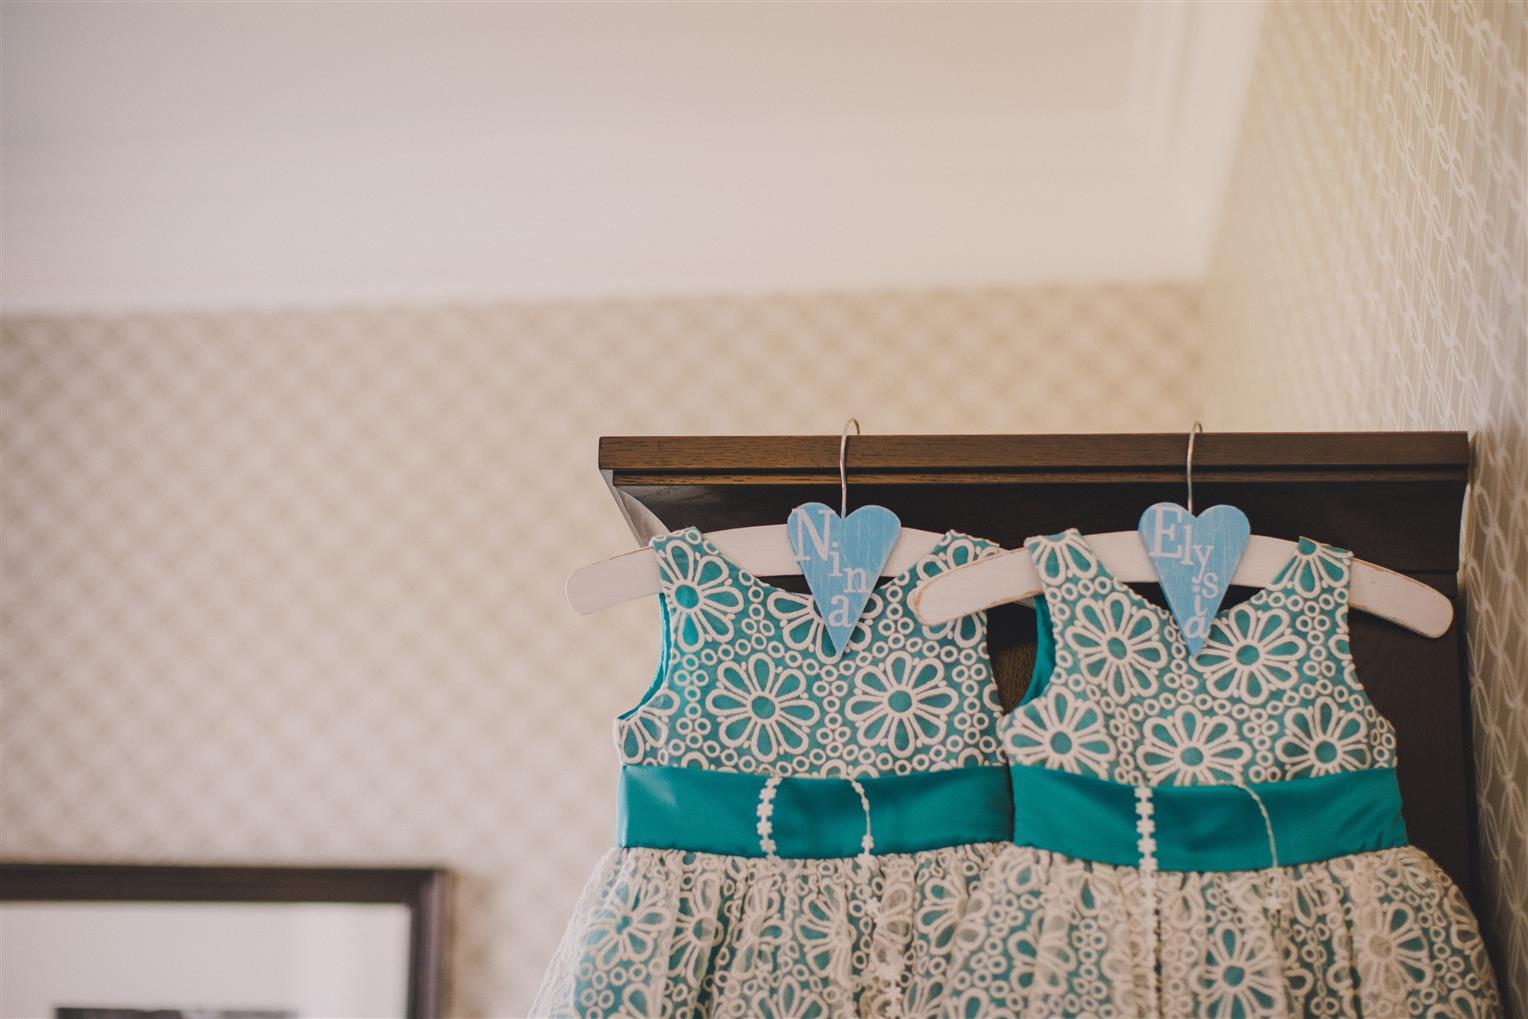 Flower Girls Dresses - A Spring 1960s Inspired Wedding